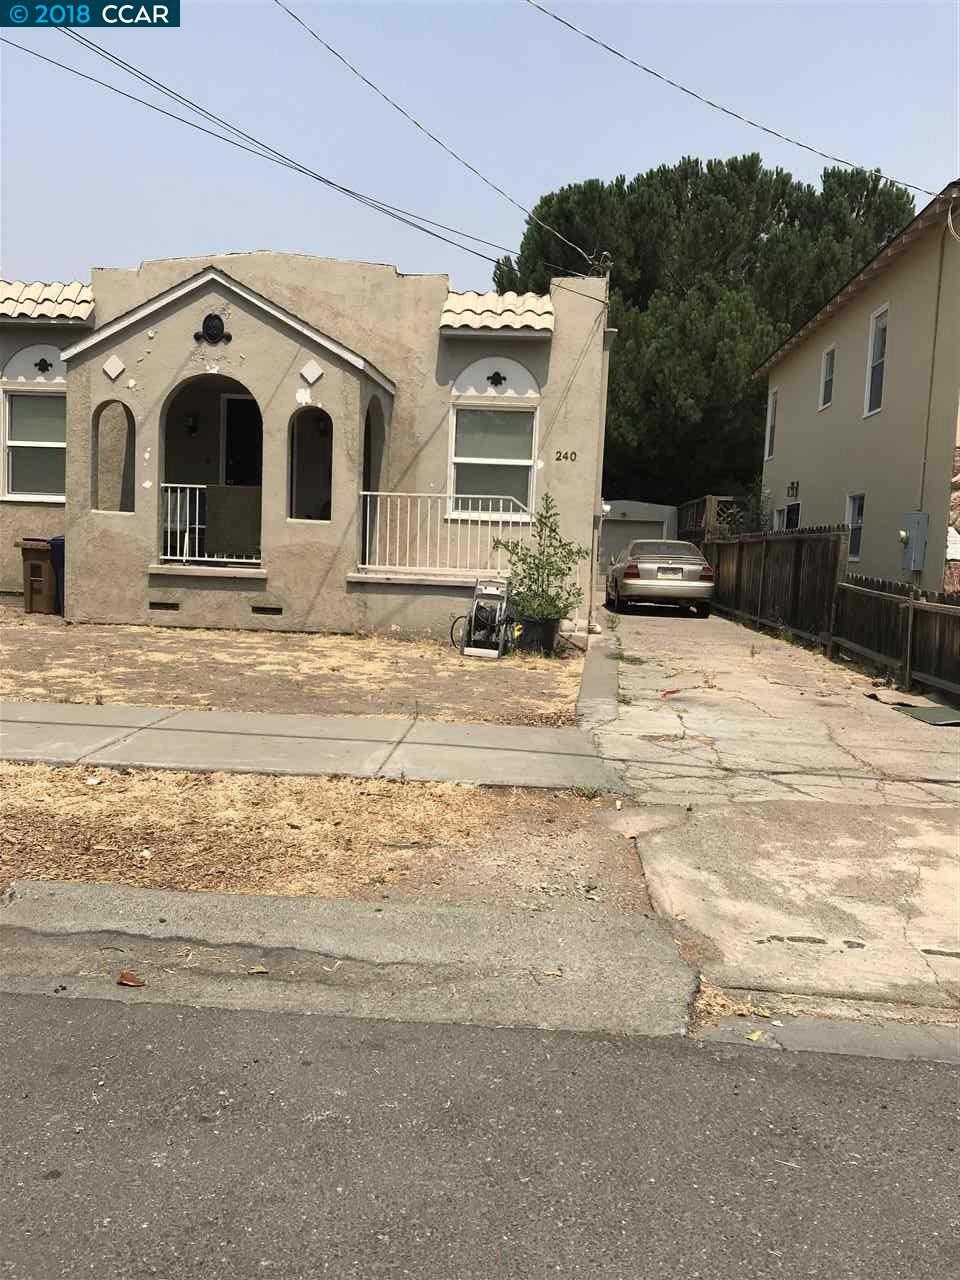 240 W 12Th St, PITTSBURG, CA 94565